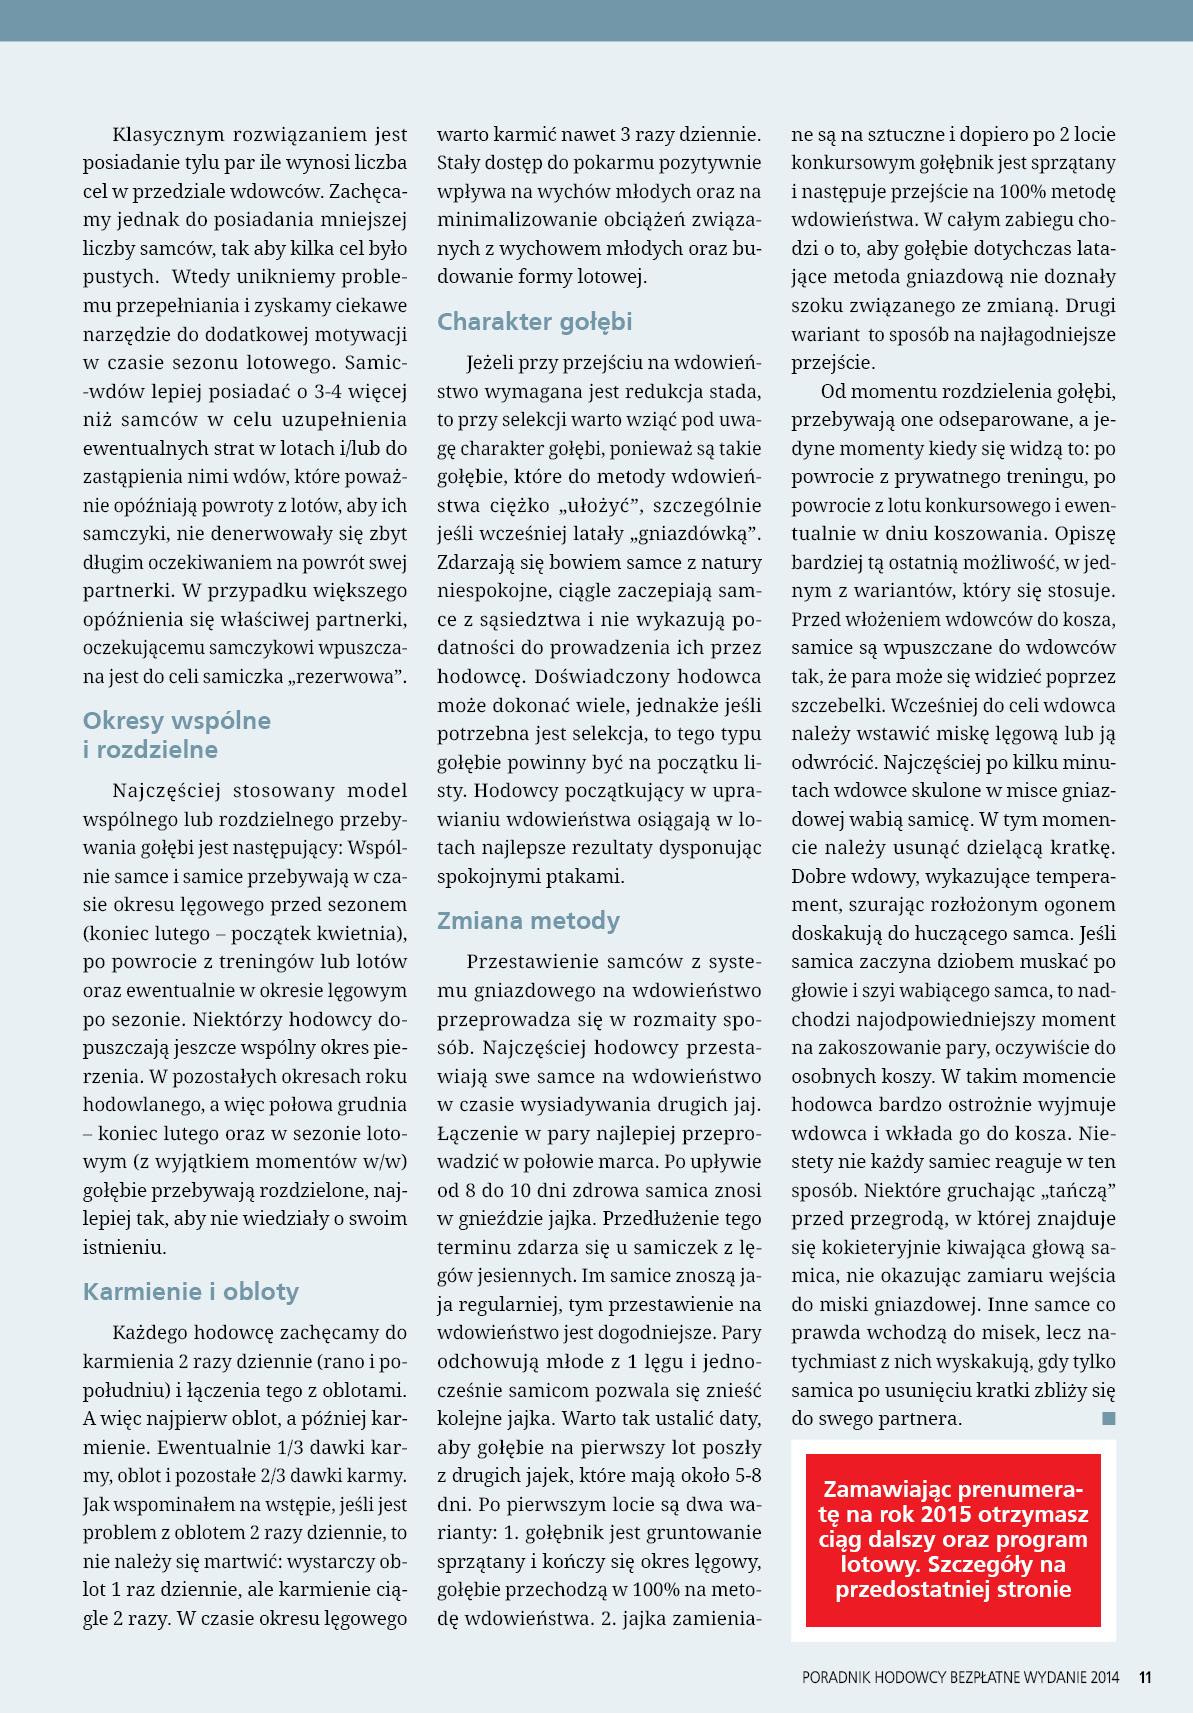 Darmowy numer specjalny Poradnika Hodowcy 2014 - strona 11